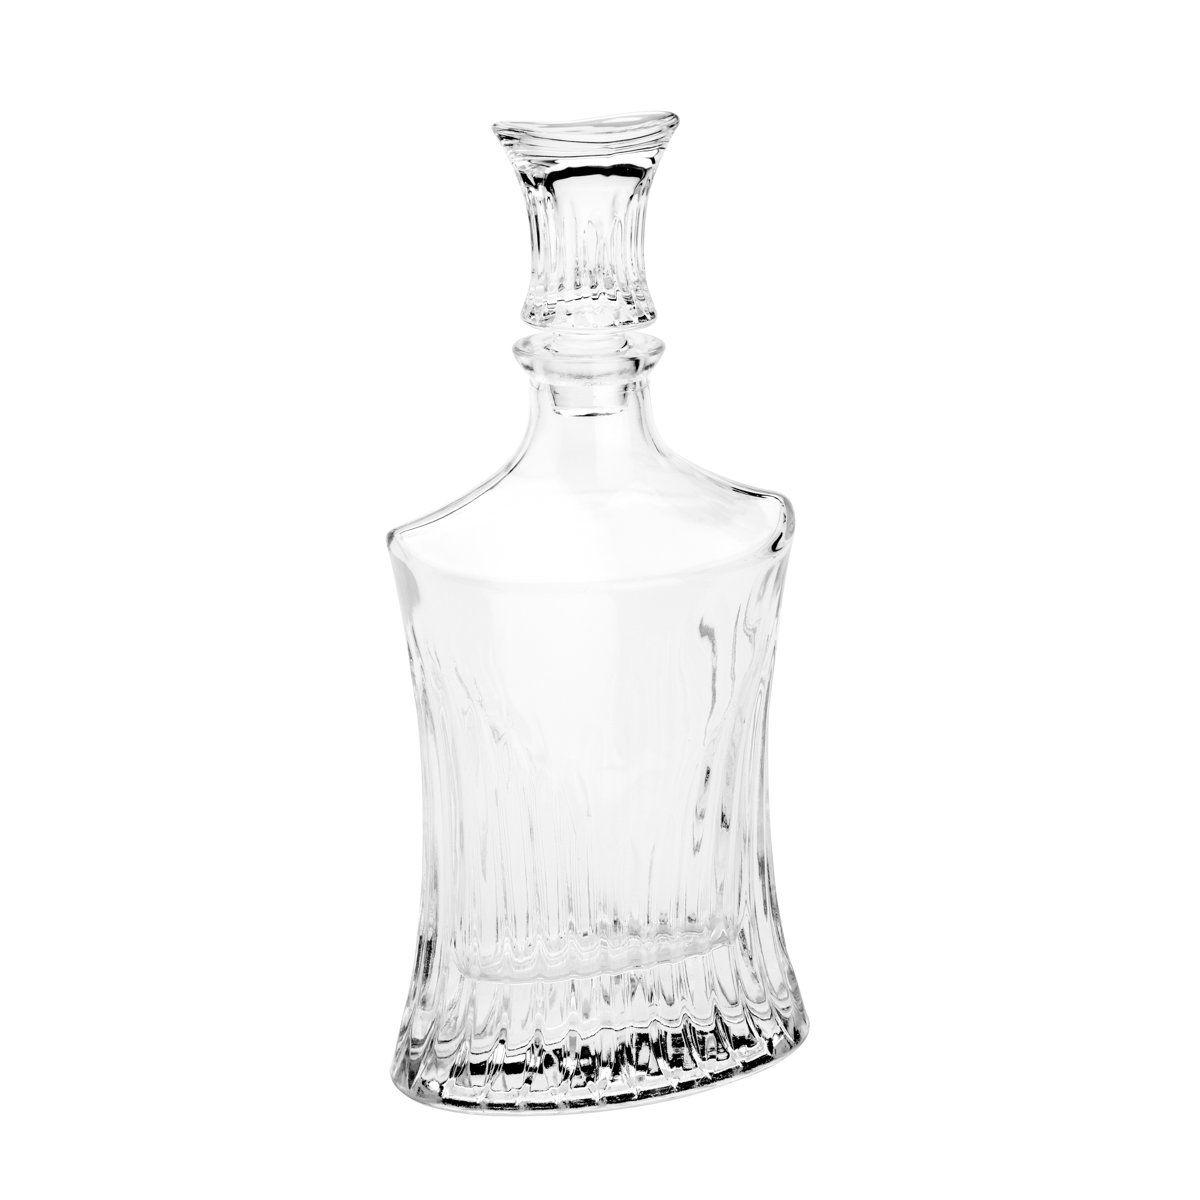 Conjunto 7 peças para whisky com 1 garrafa 550ml e 6 copos 240ml de cristal transparente Rojemac - 26643